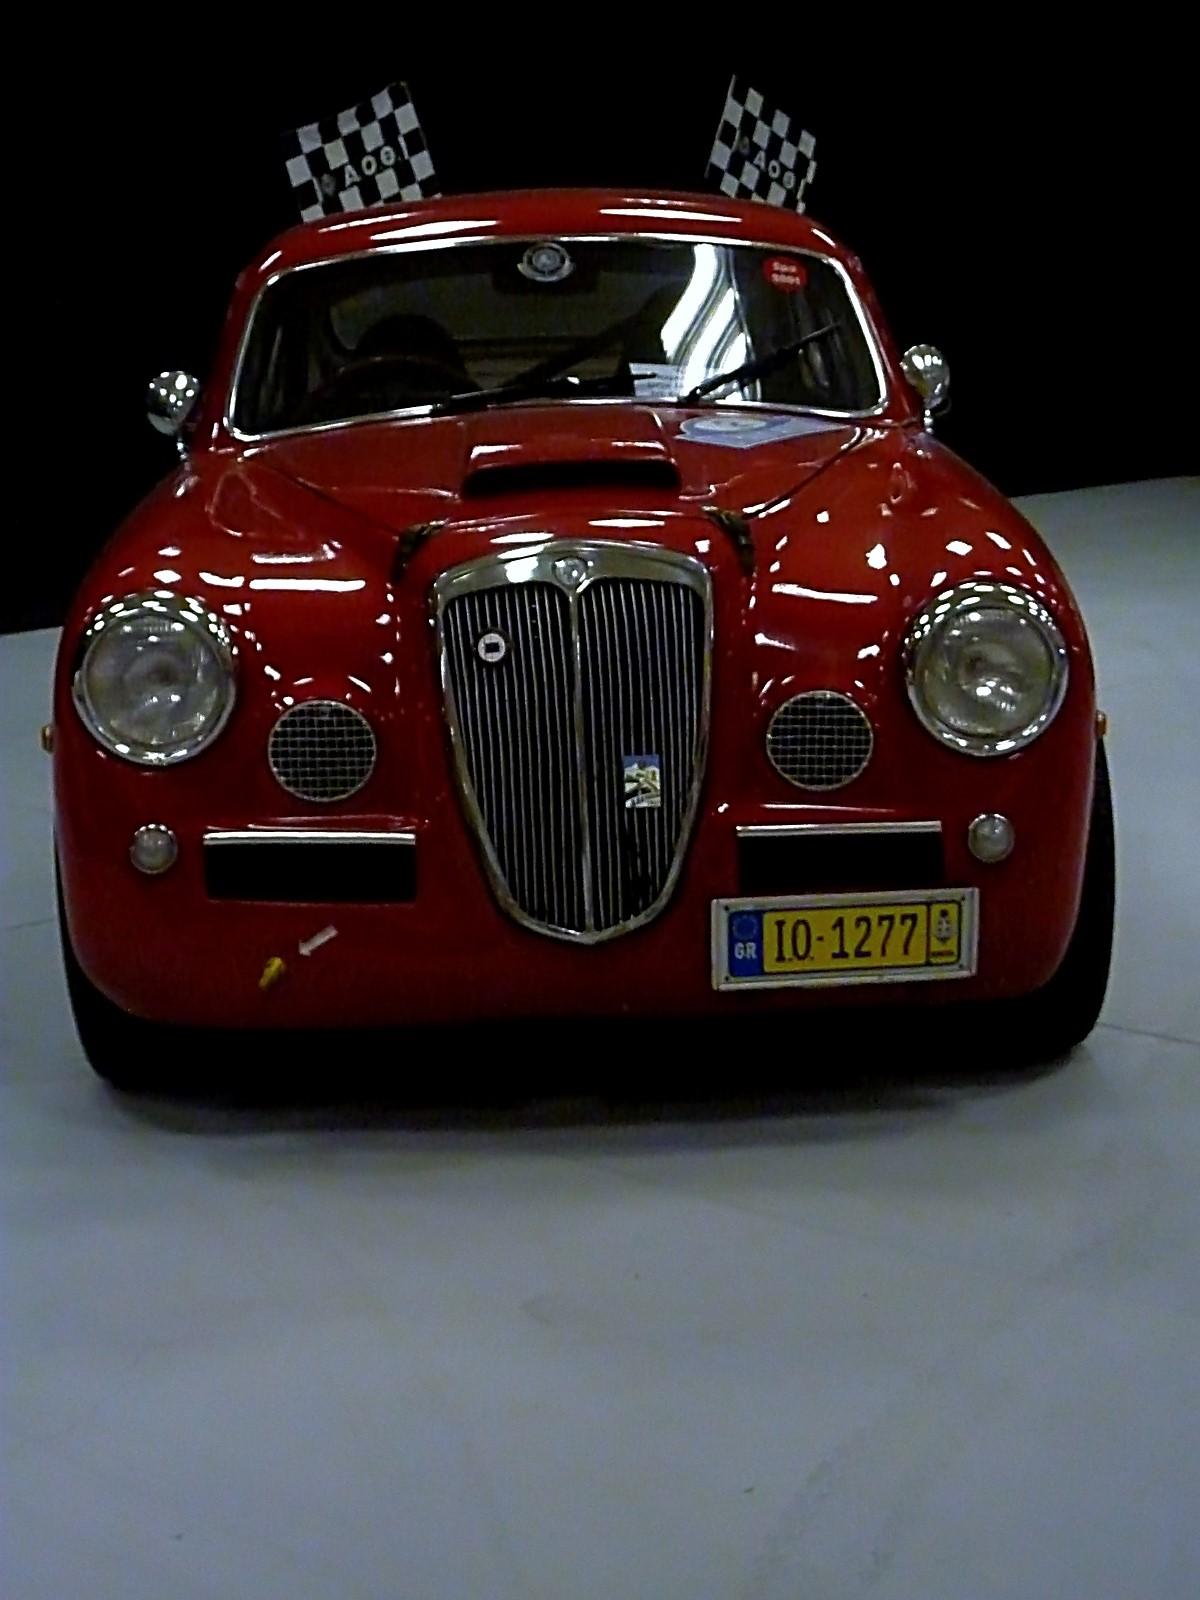 1953 Lancia Aurelia B24 ex L (49)